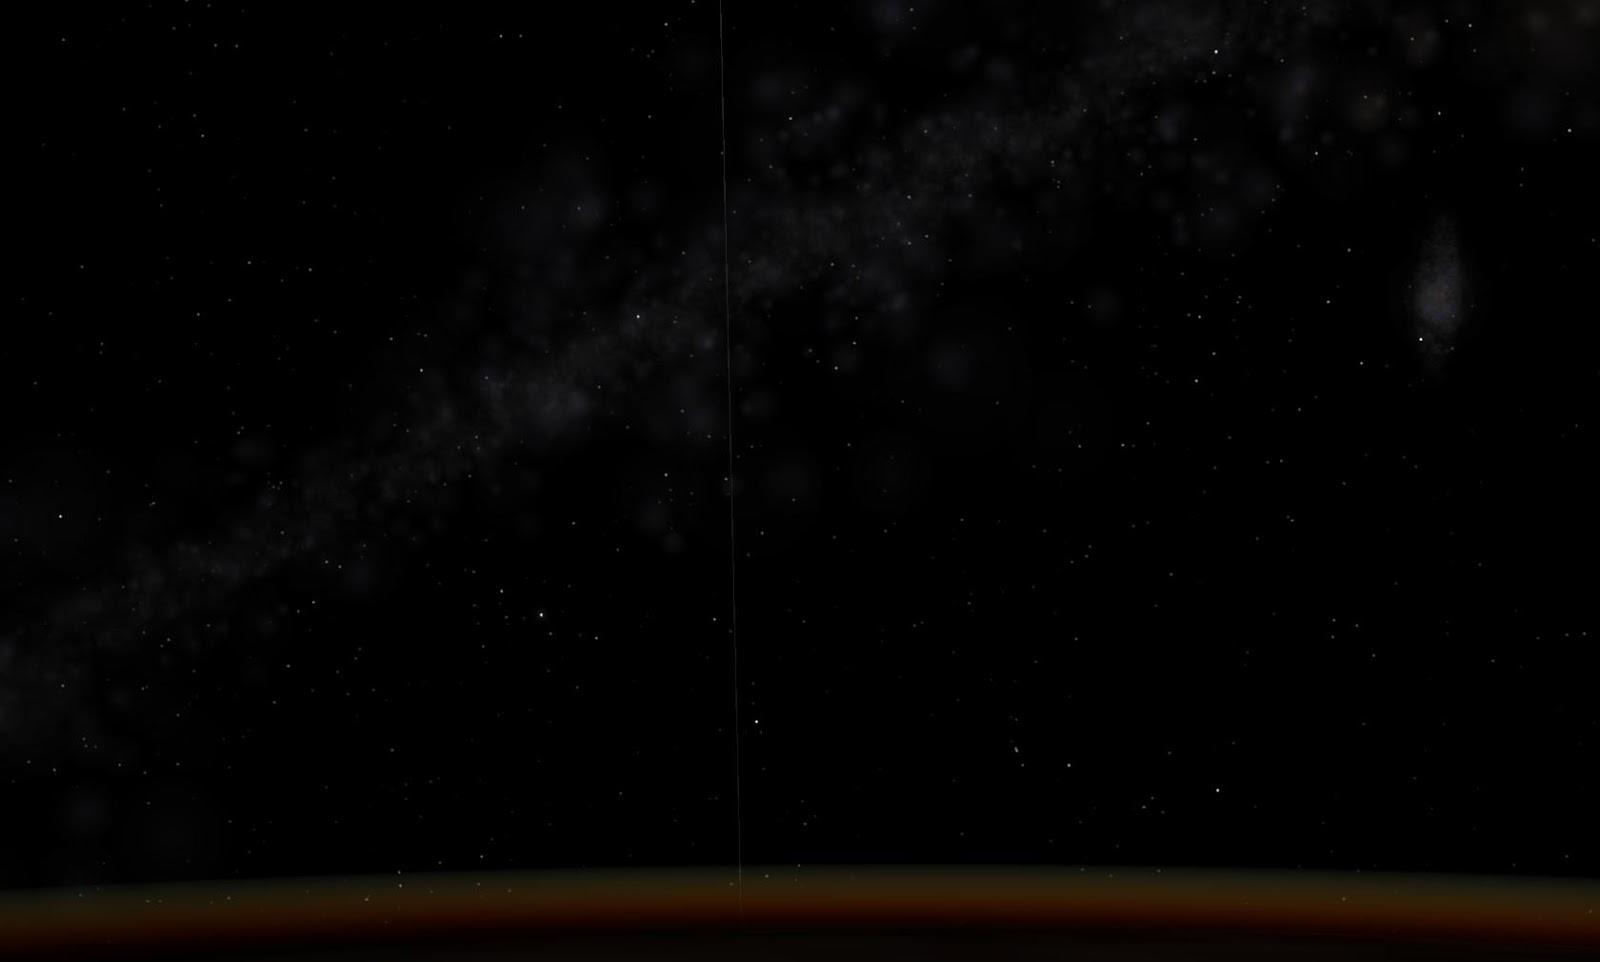 Nhìn từ trên cao và dưới thấp là đường chân trời. Tác giả : John Brady ở Astronomy Central trên mạng xã hội Reddit.